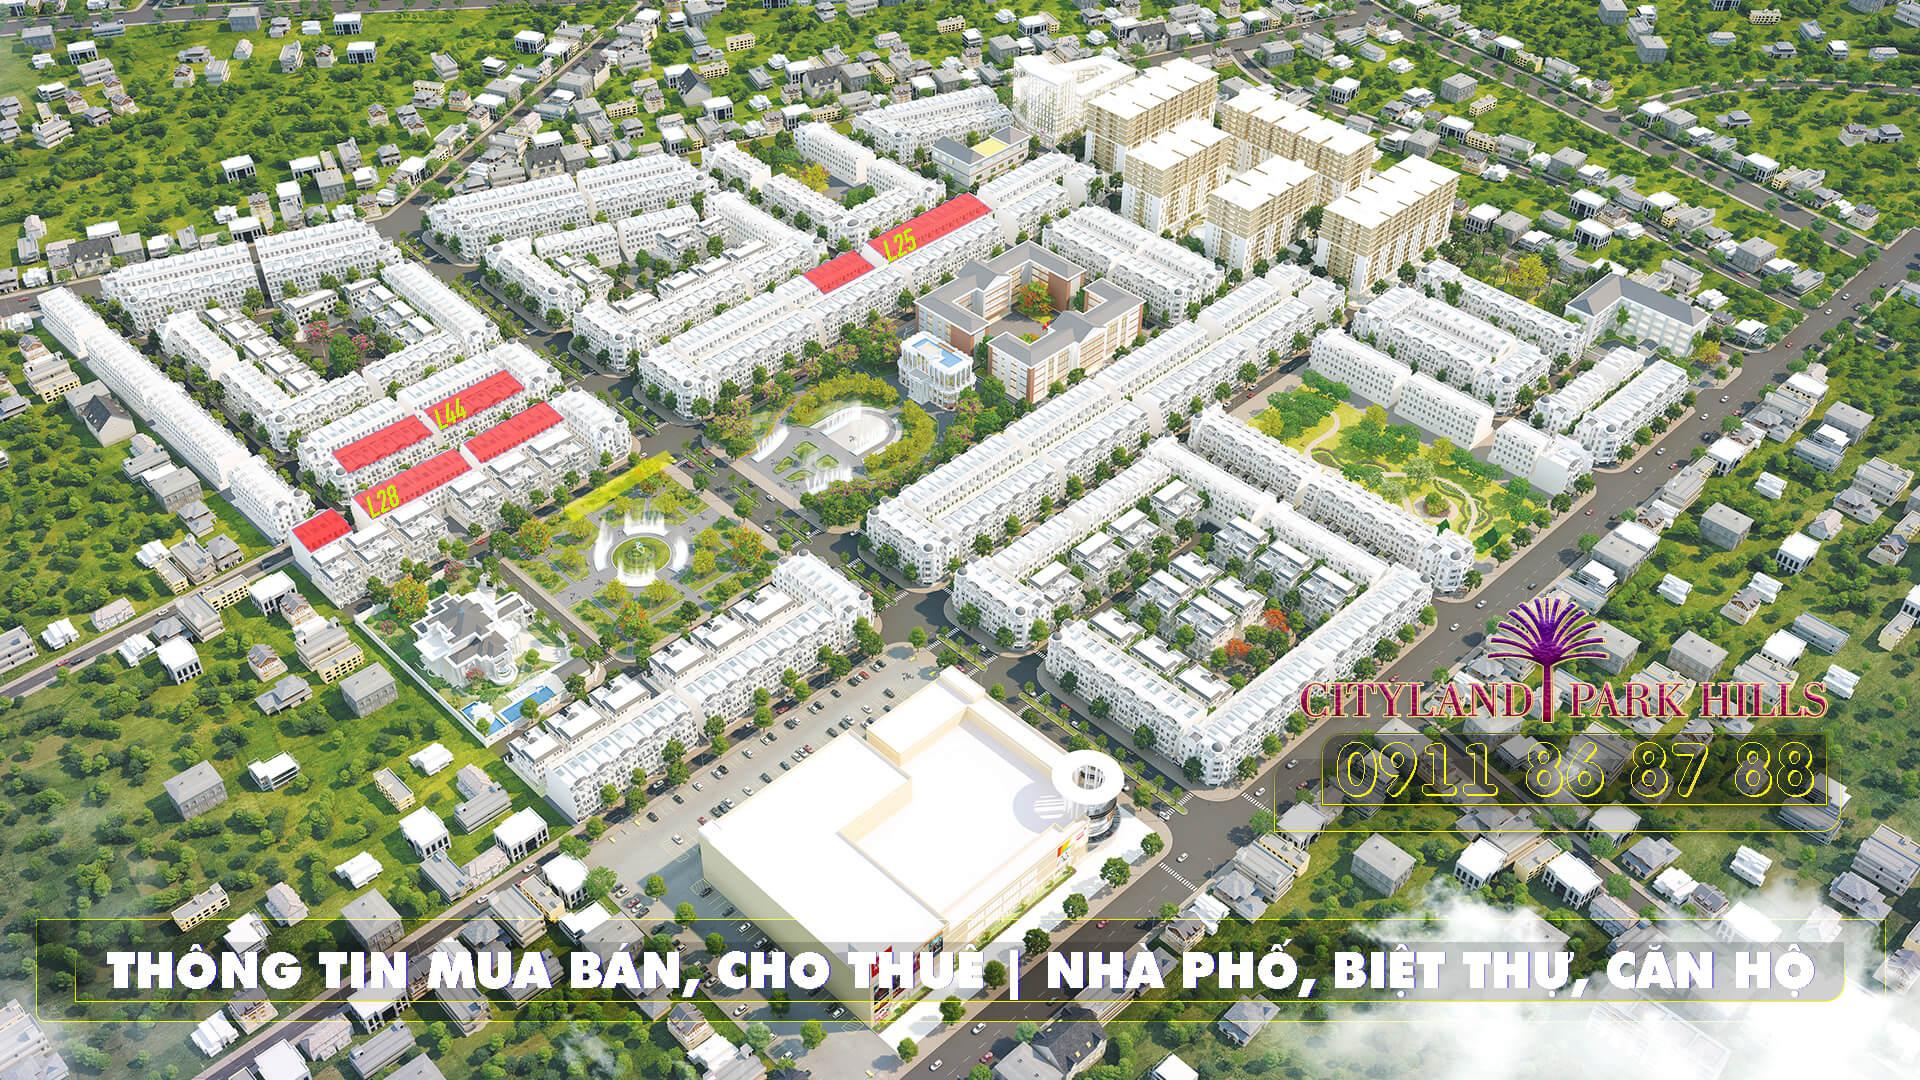 cityland mo ban nha pho cityland park hills cuoi nam 2019